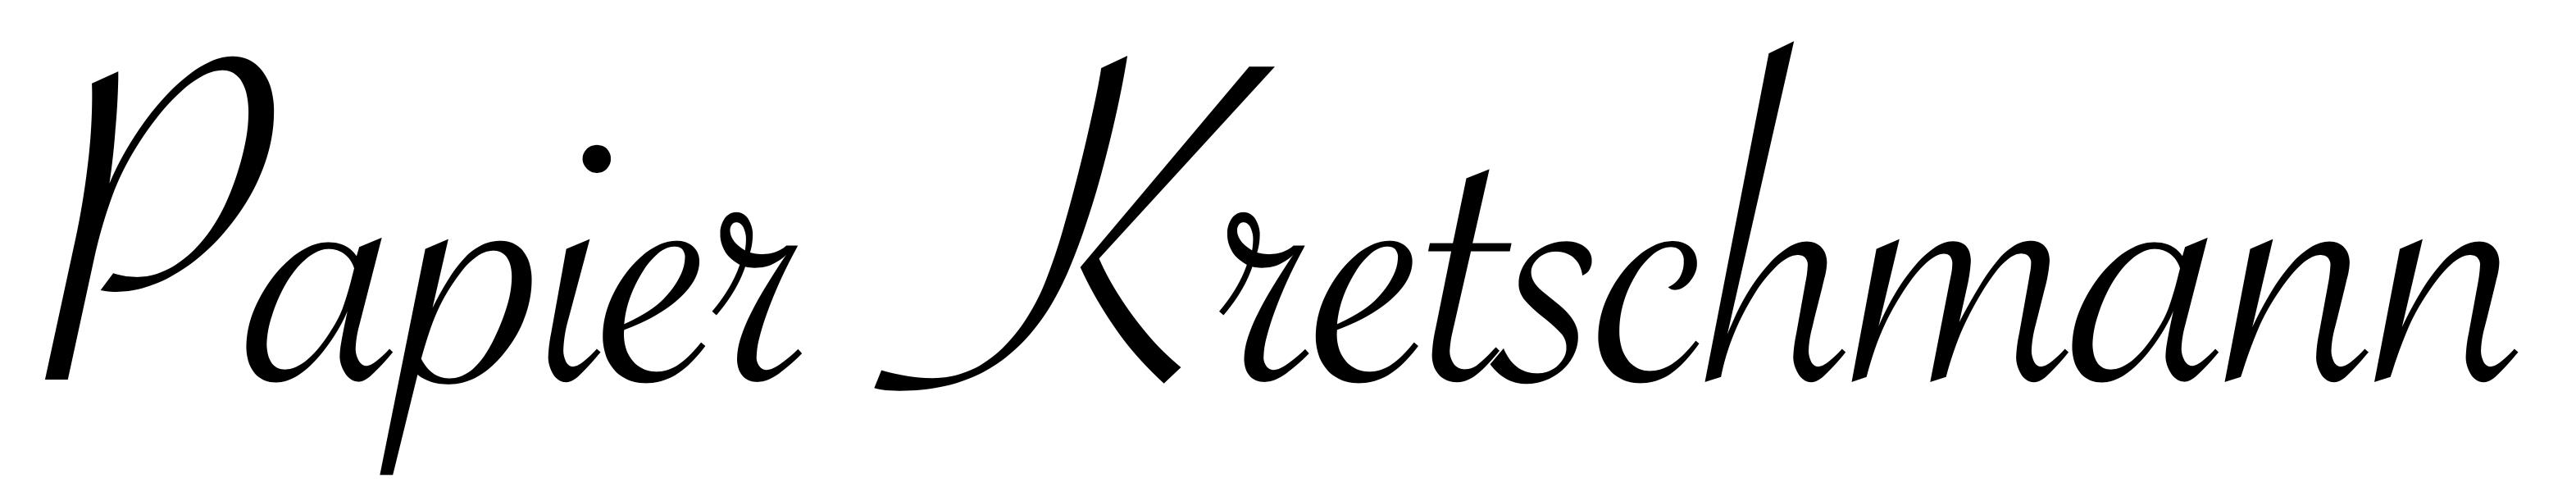 Papier Kretschmann